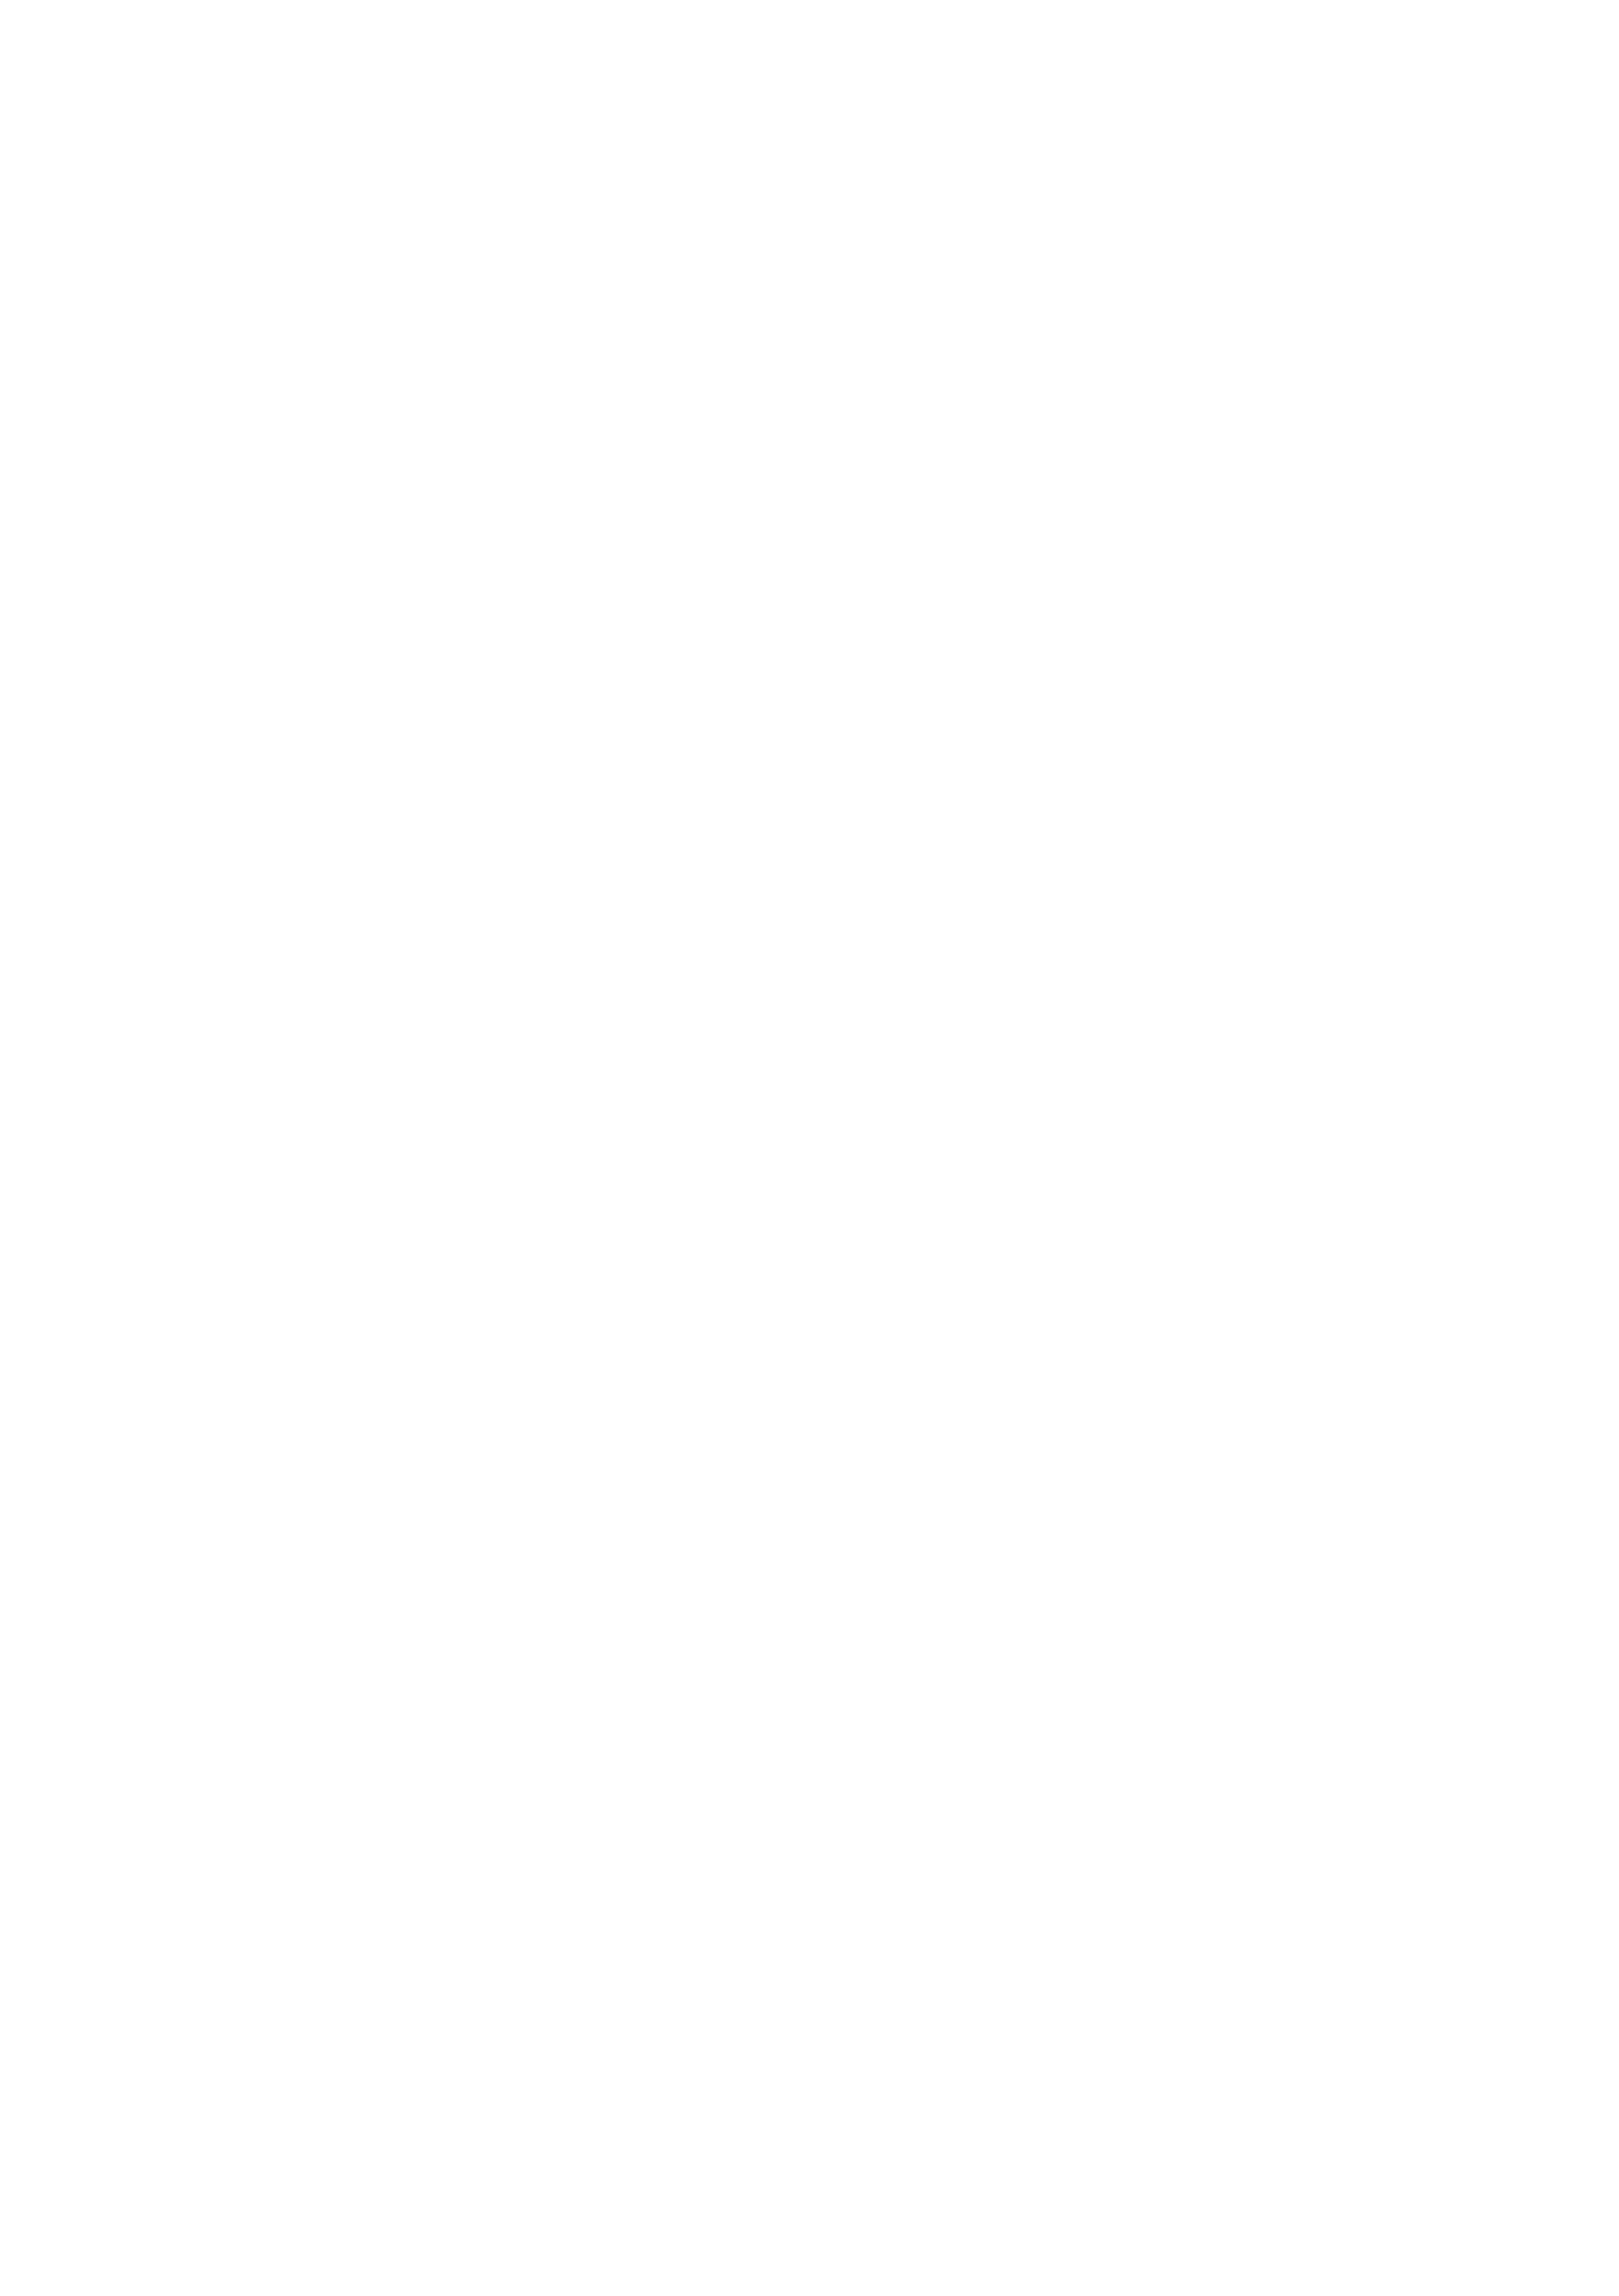 rptcapi